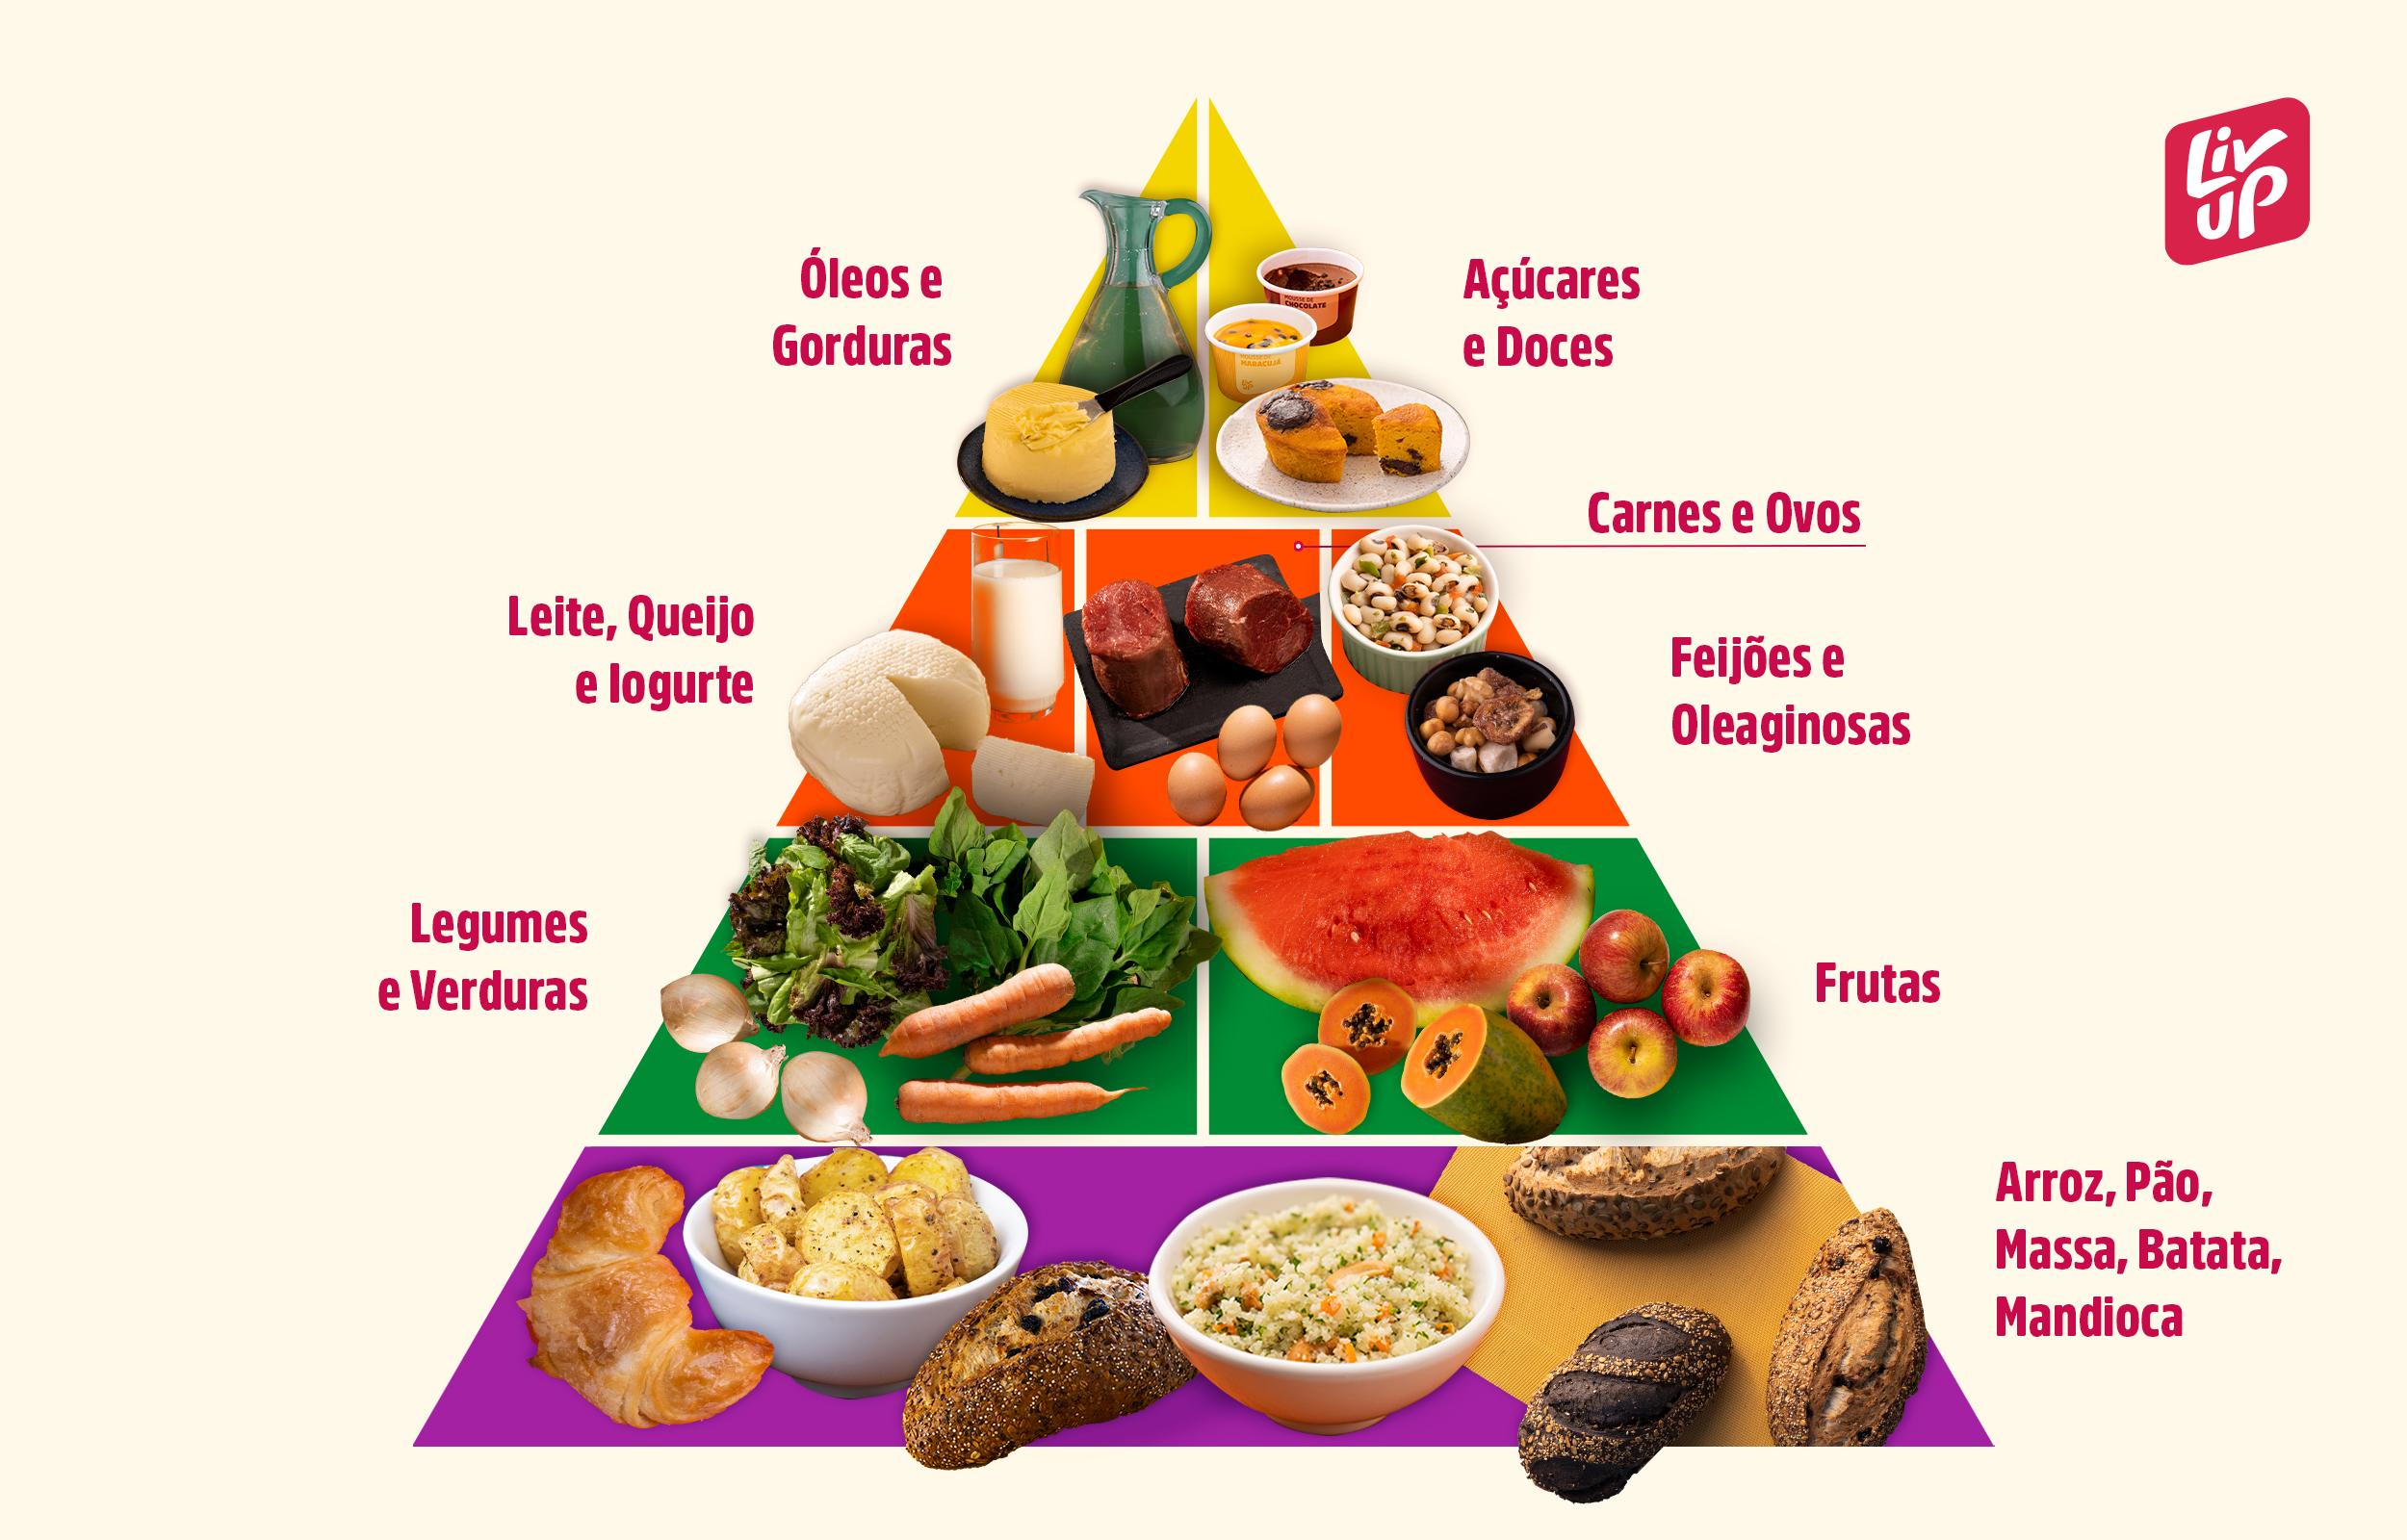 pirâmide alimentar para seguir uma alimentação saudável